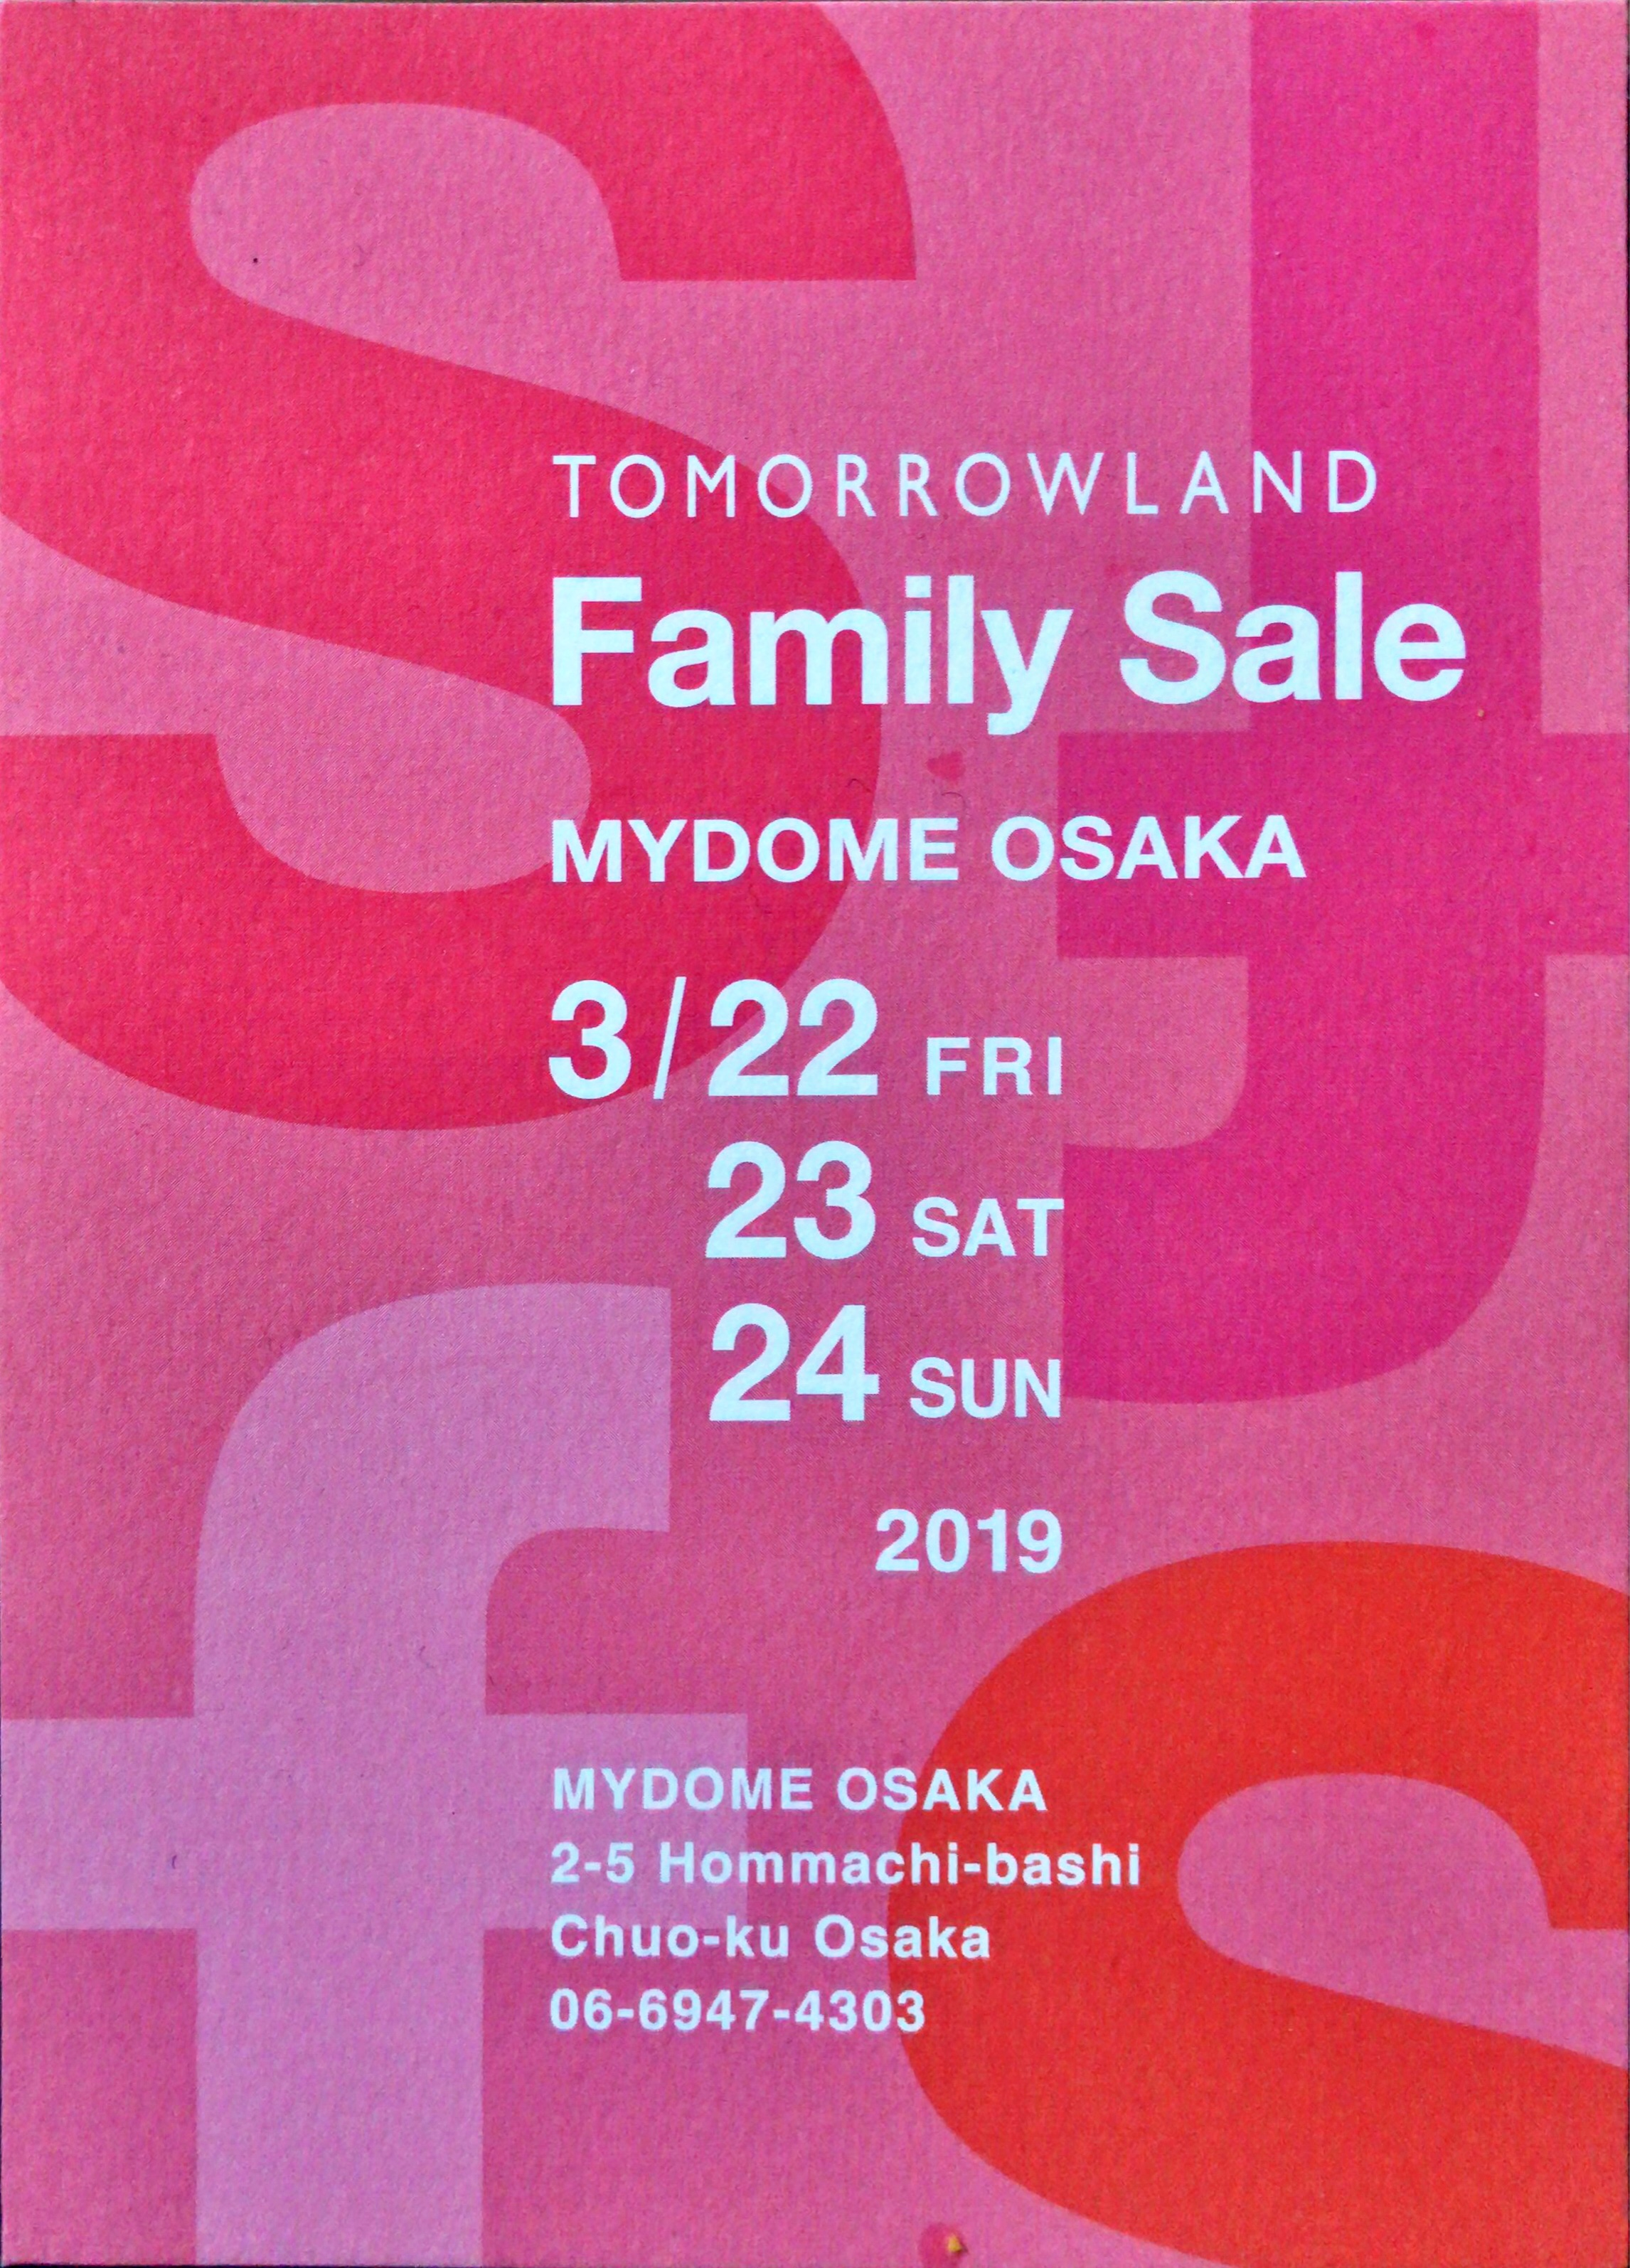 大阪 「トゥモローランドファミリーセール」開催2019年3月22-24日